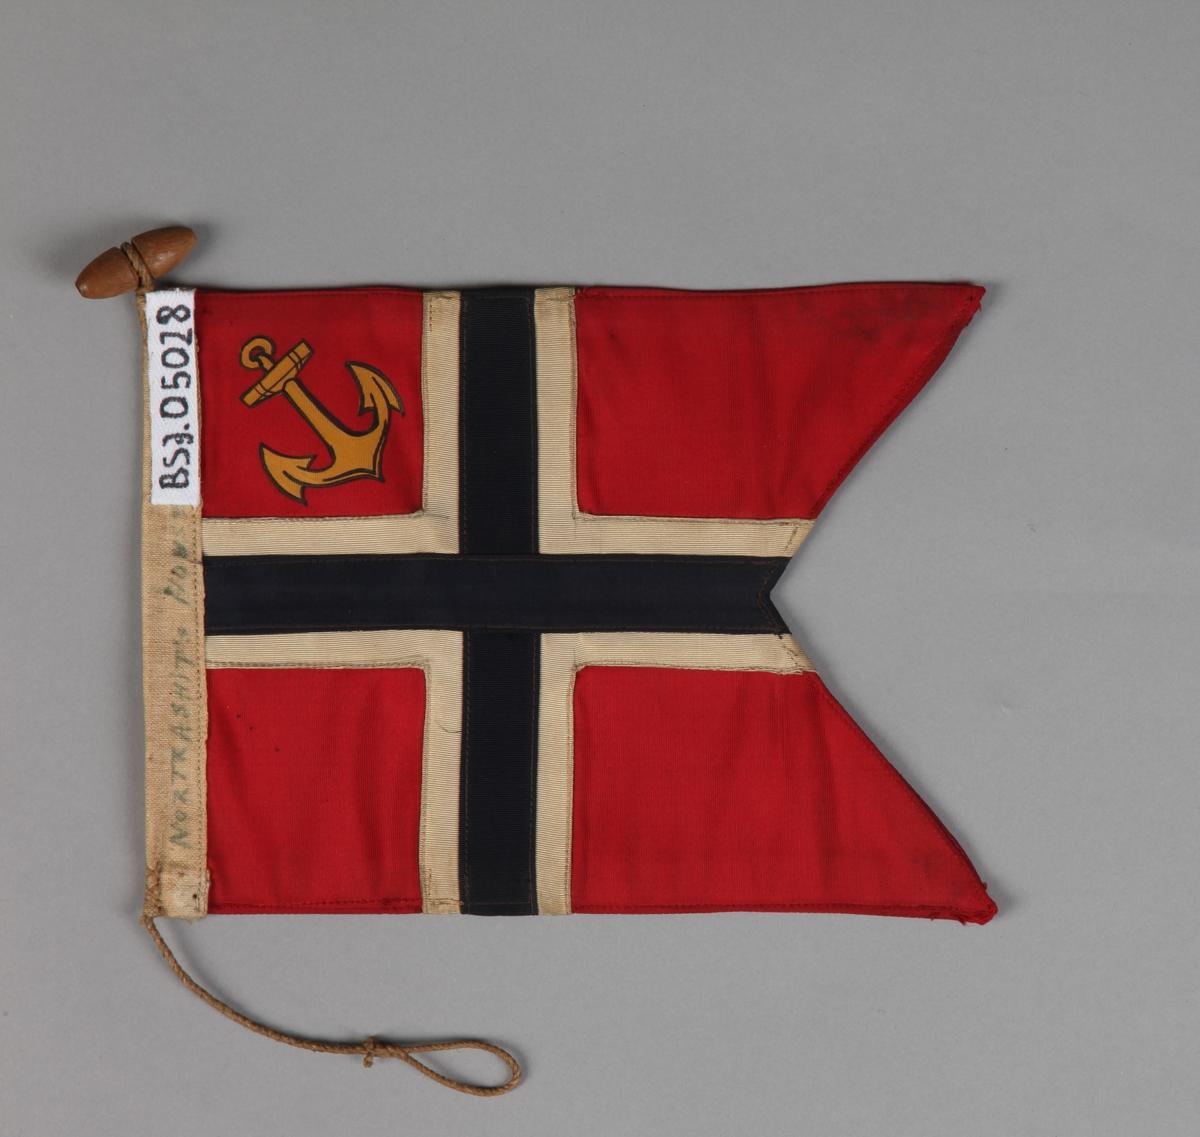 Norsk orlogsflagg uten tunge med gult anker i øverste felt nærmest stangen.